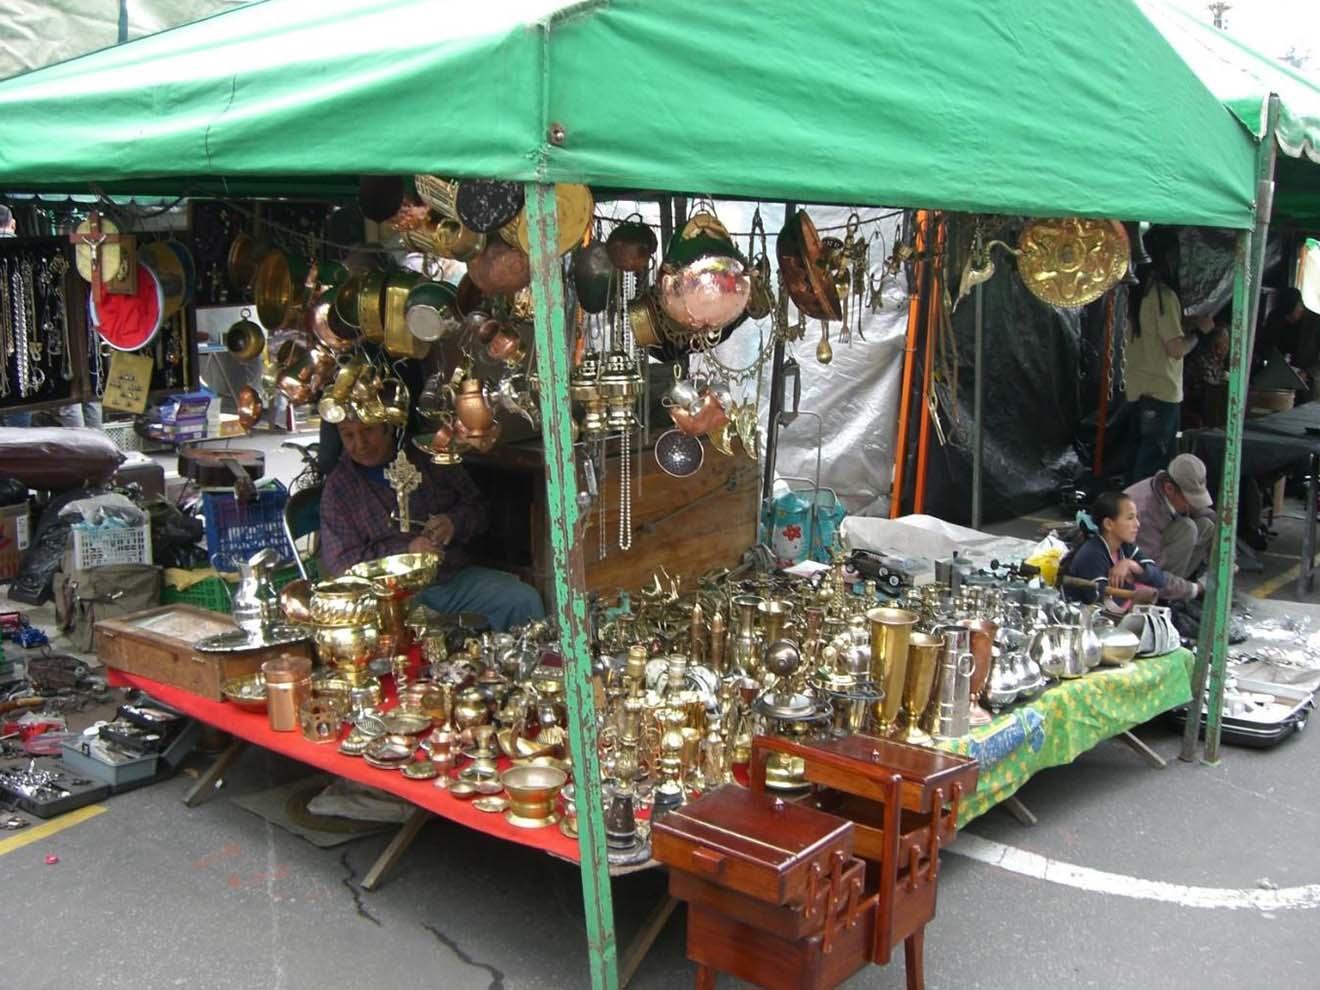 Flea markets in Bogotá